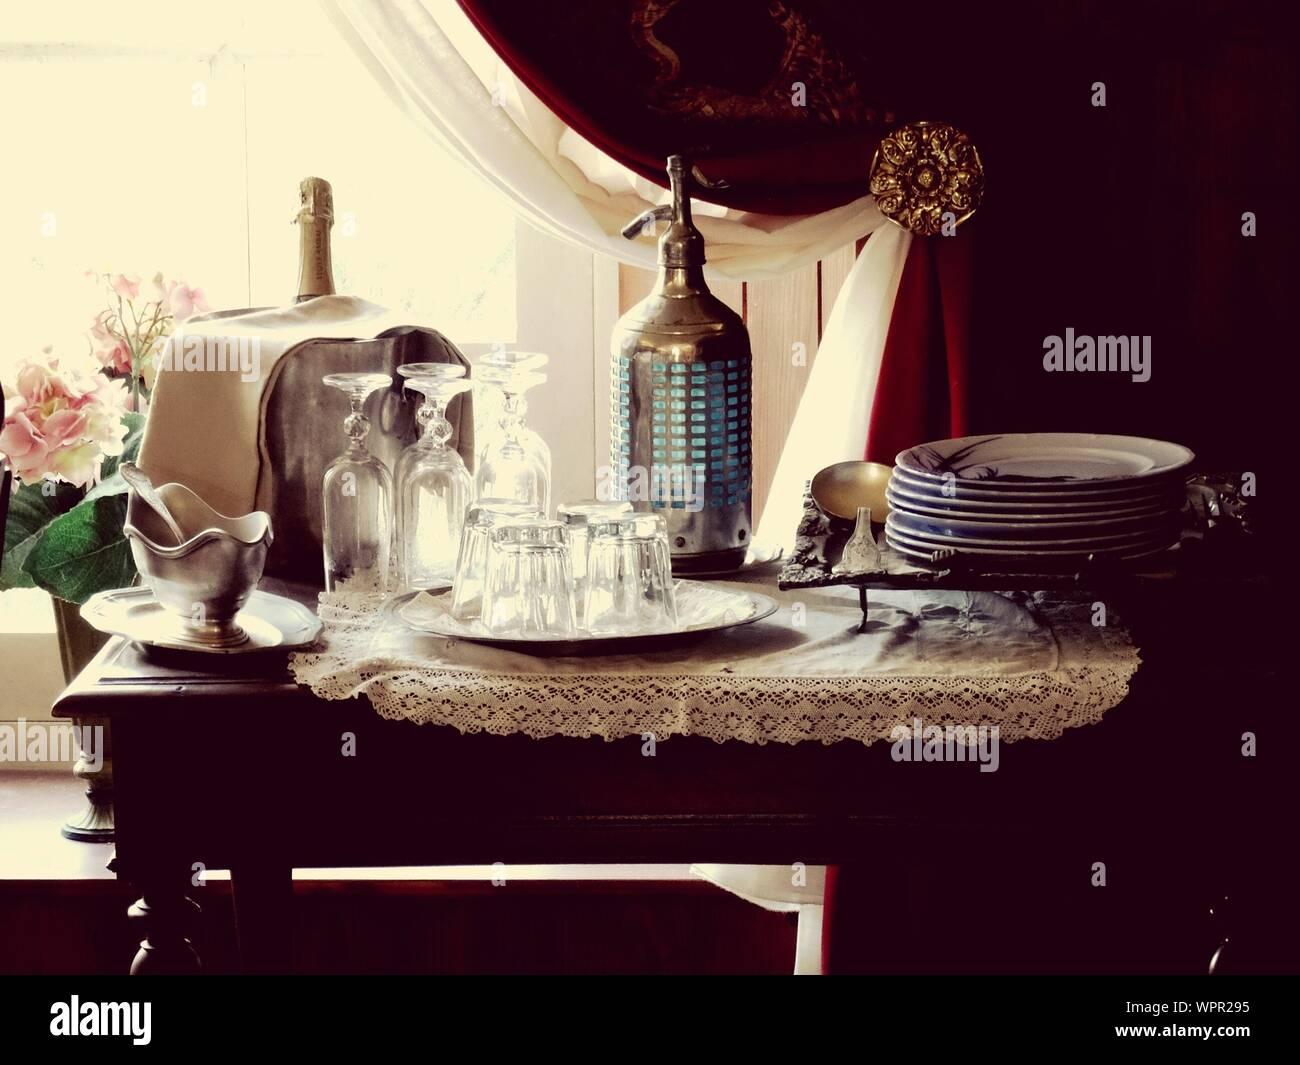 Teller und Gläser auf den Tisch zu Hause. Stockfoto